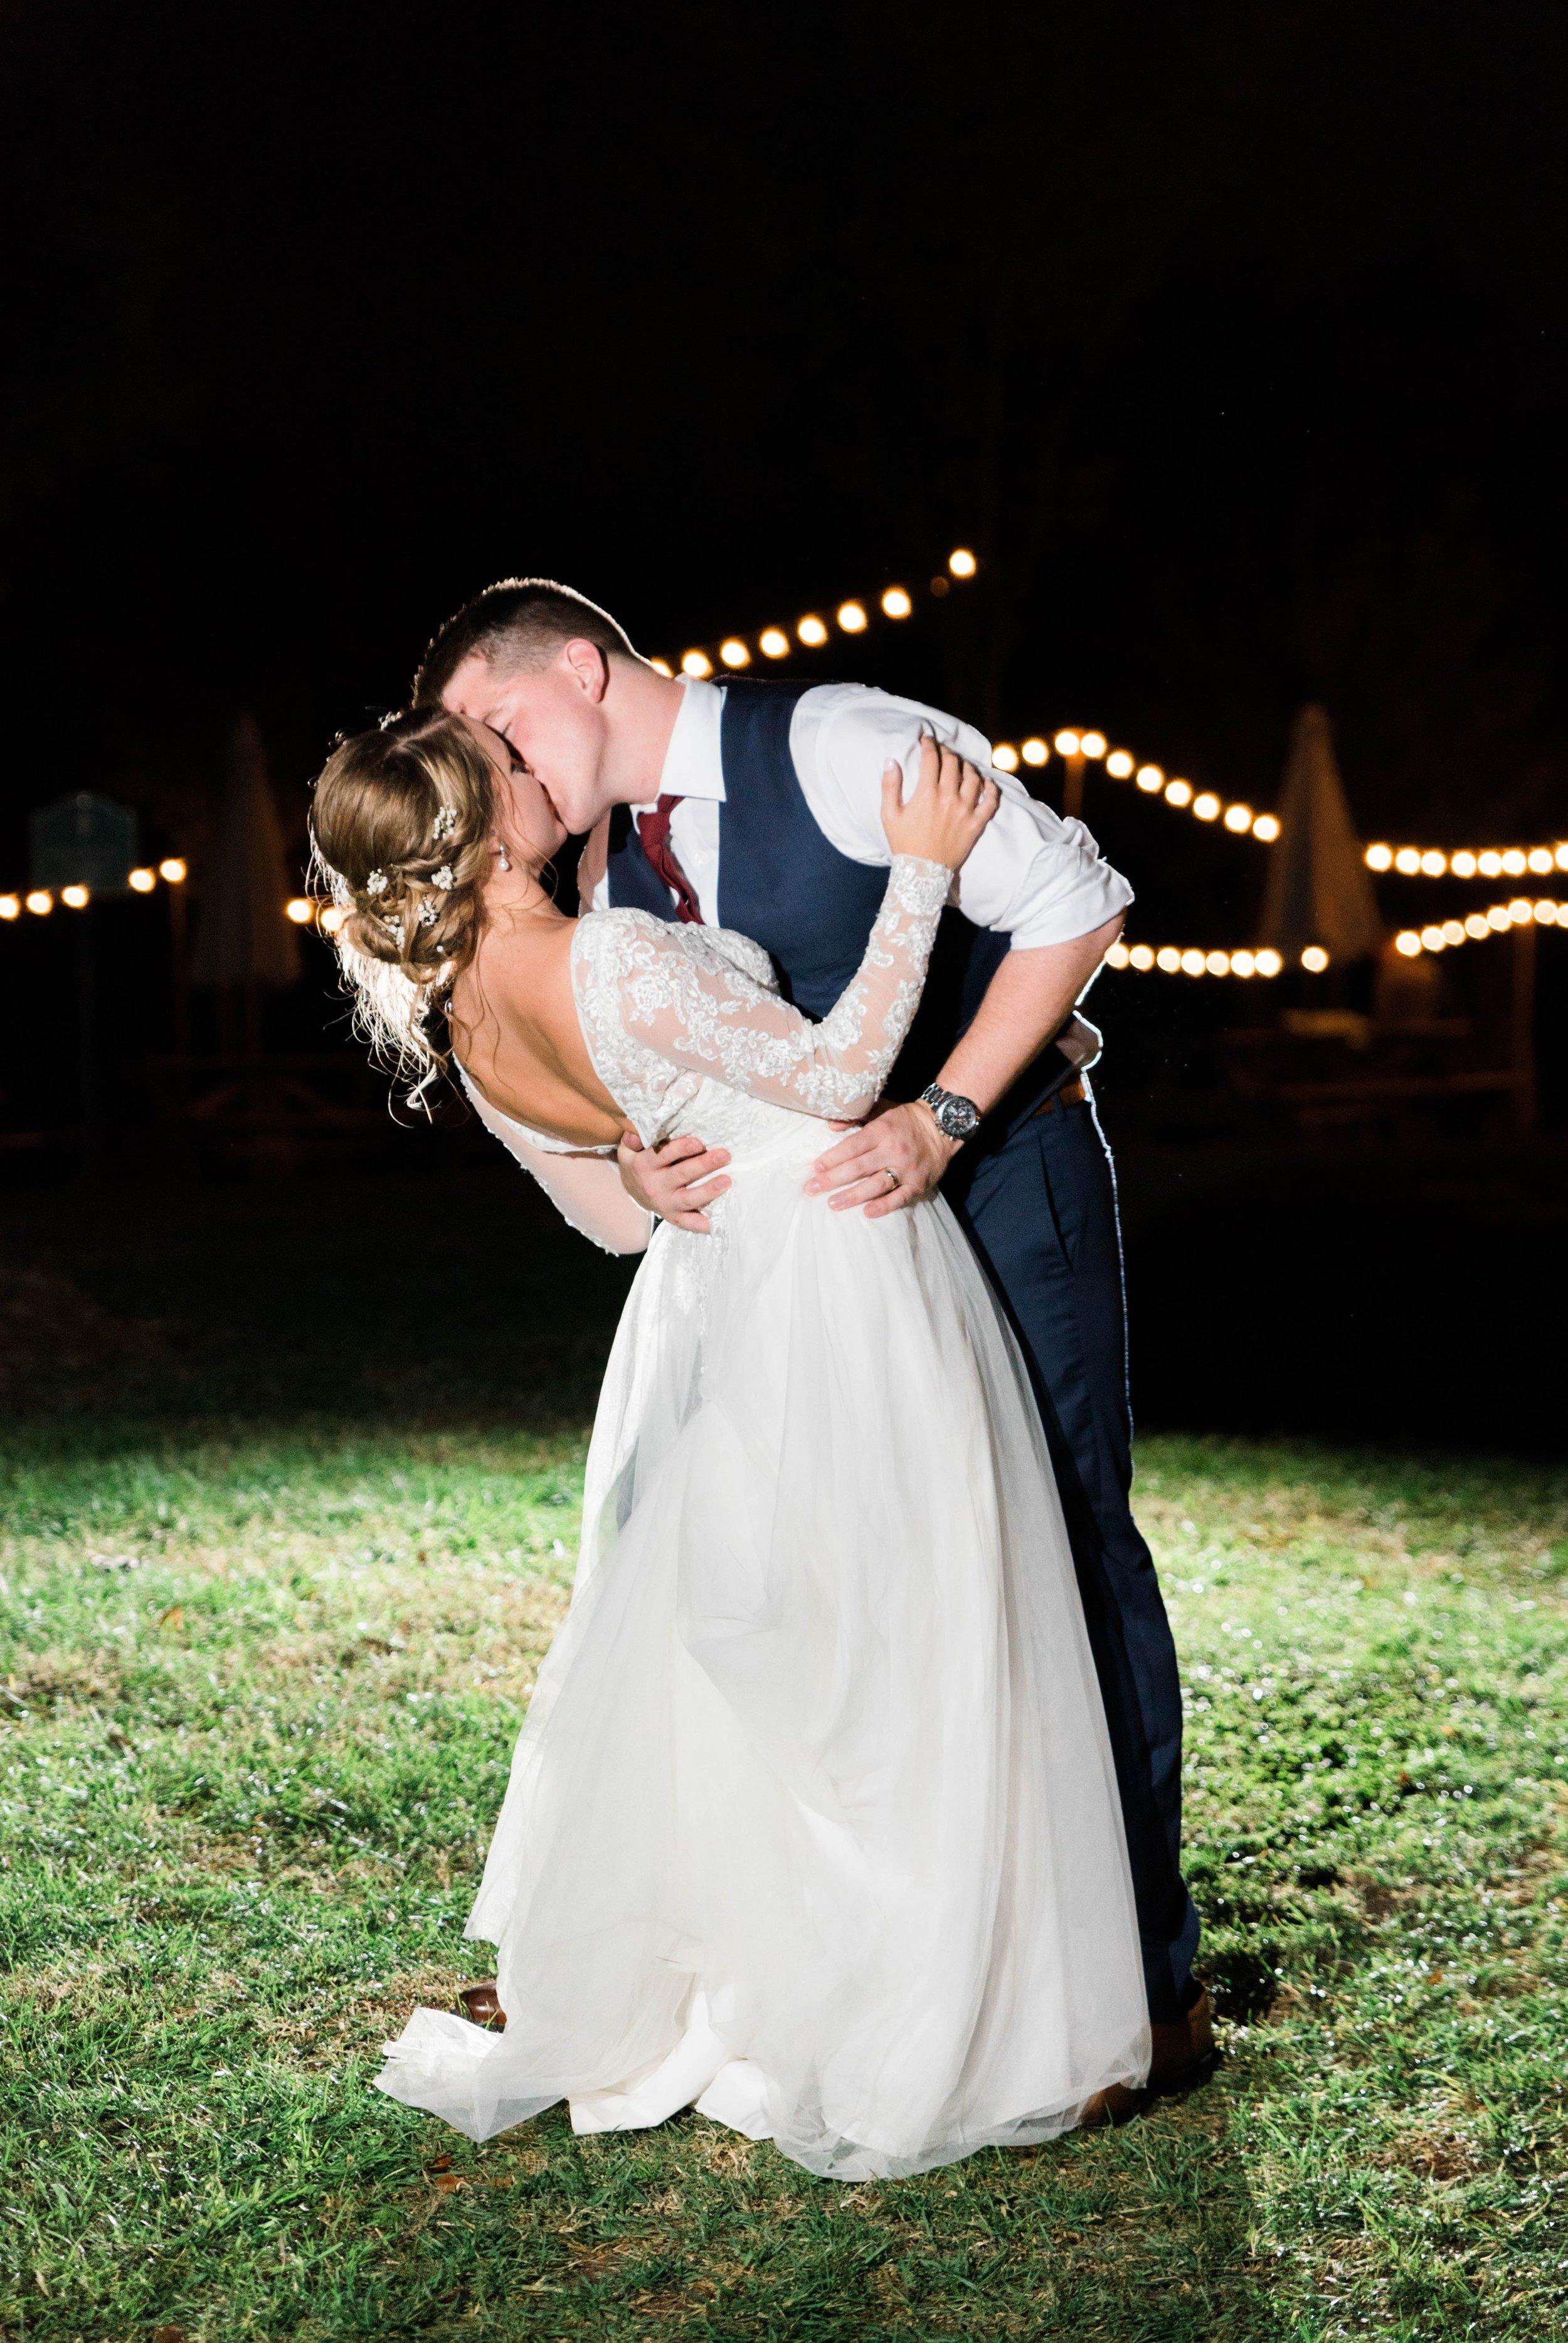 GrantElizabeth_wineryatbullrun_DCwedding_Virginiaweddingphotographer 2.jpg